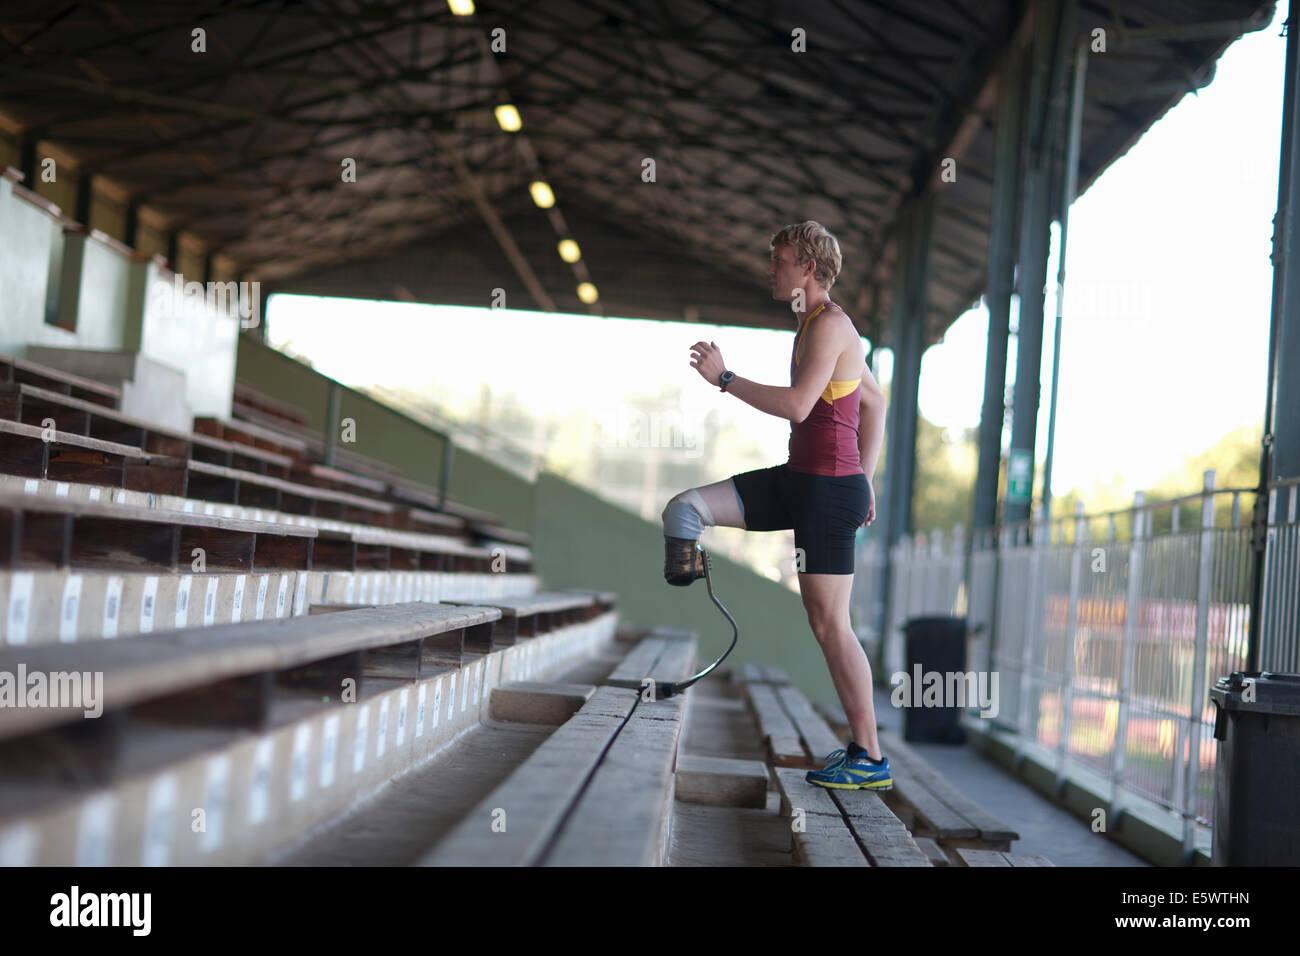 Sprinter camminando con gamba protesico su Immagini Stock